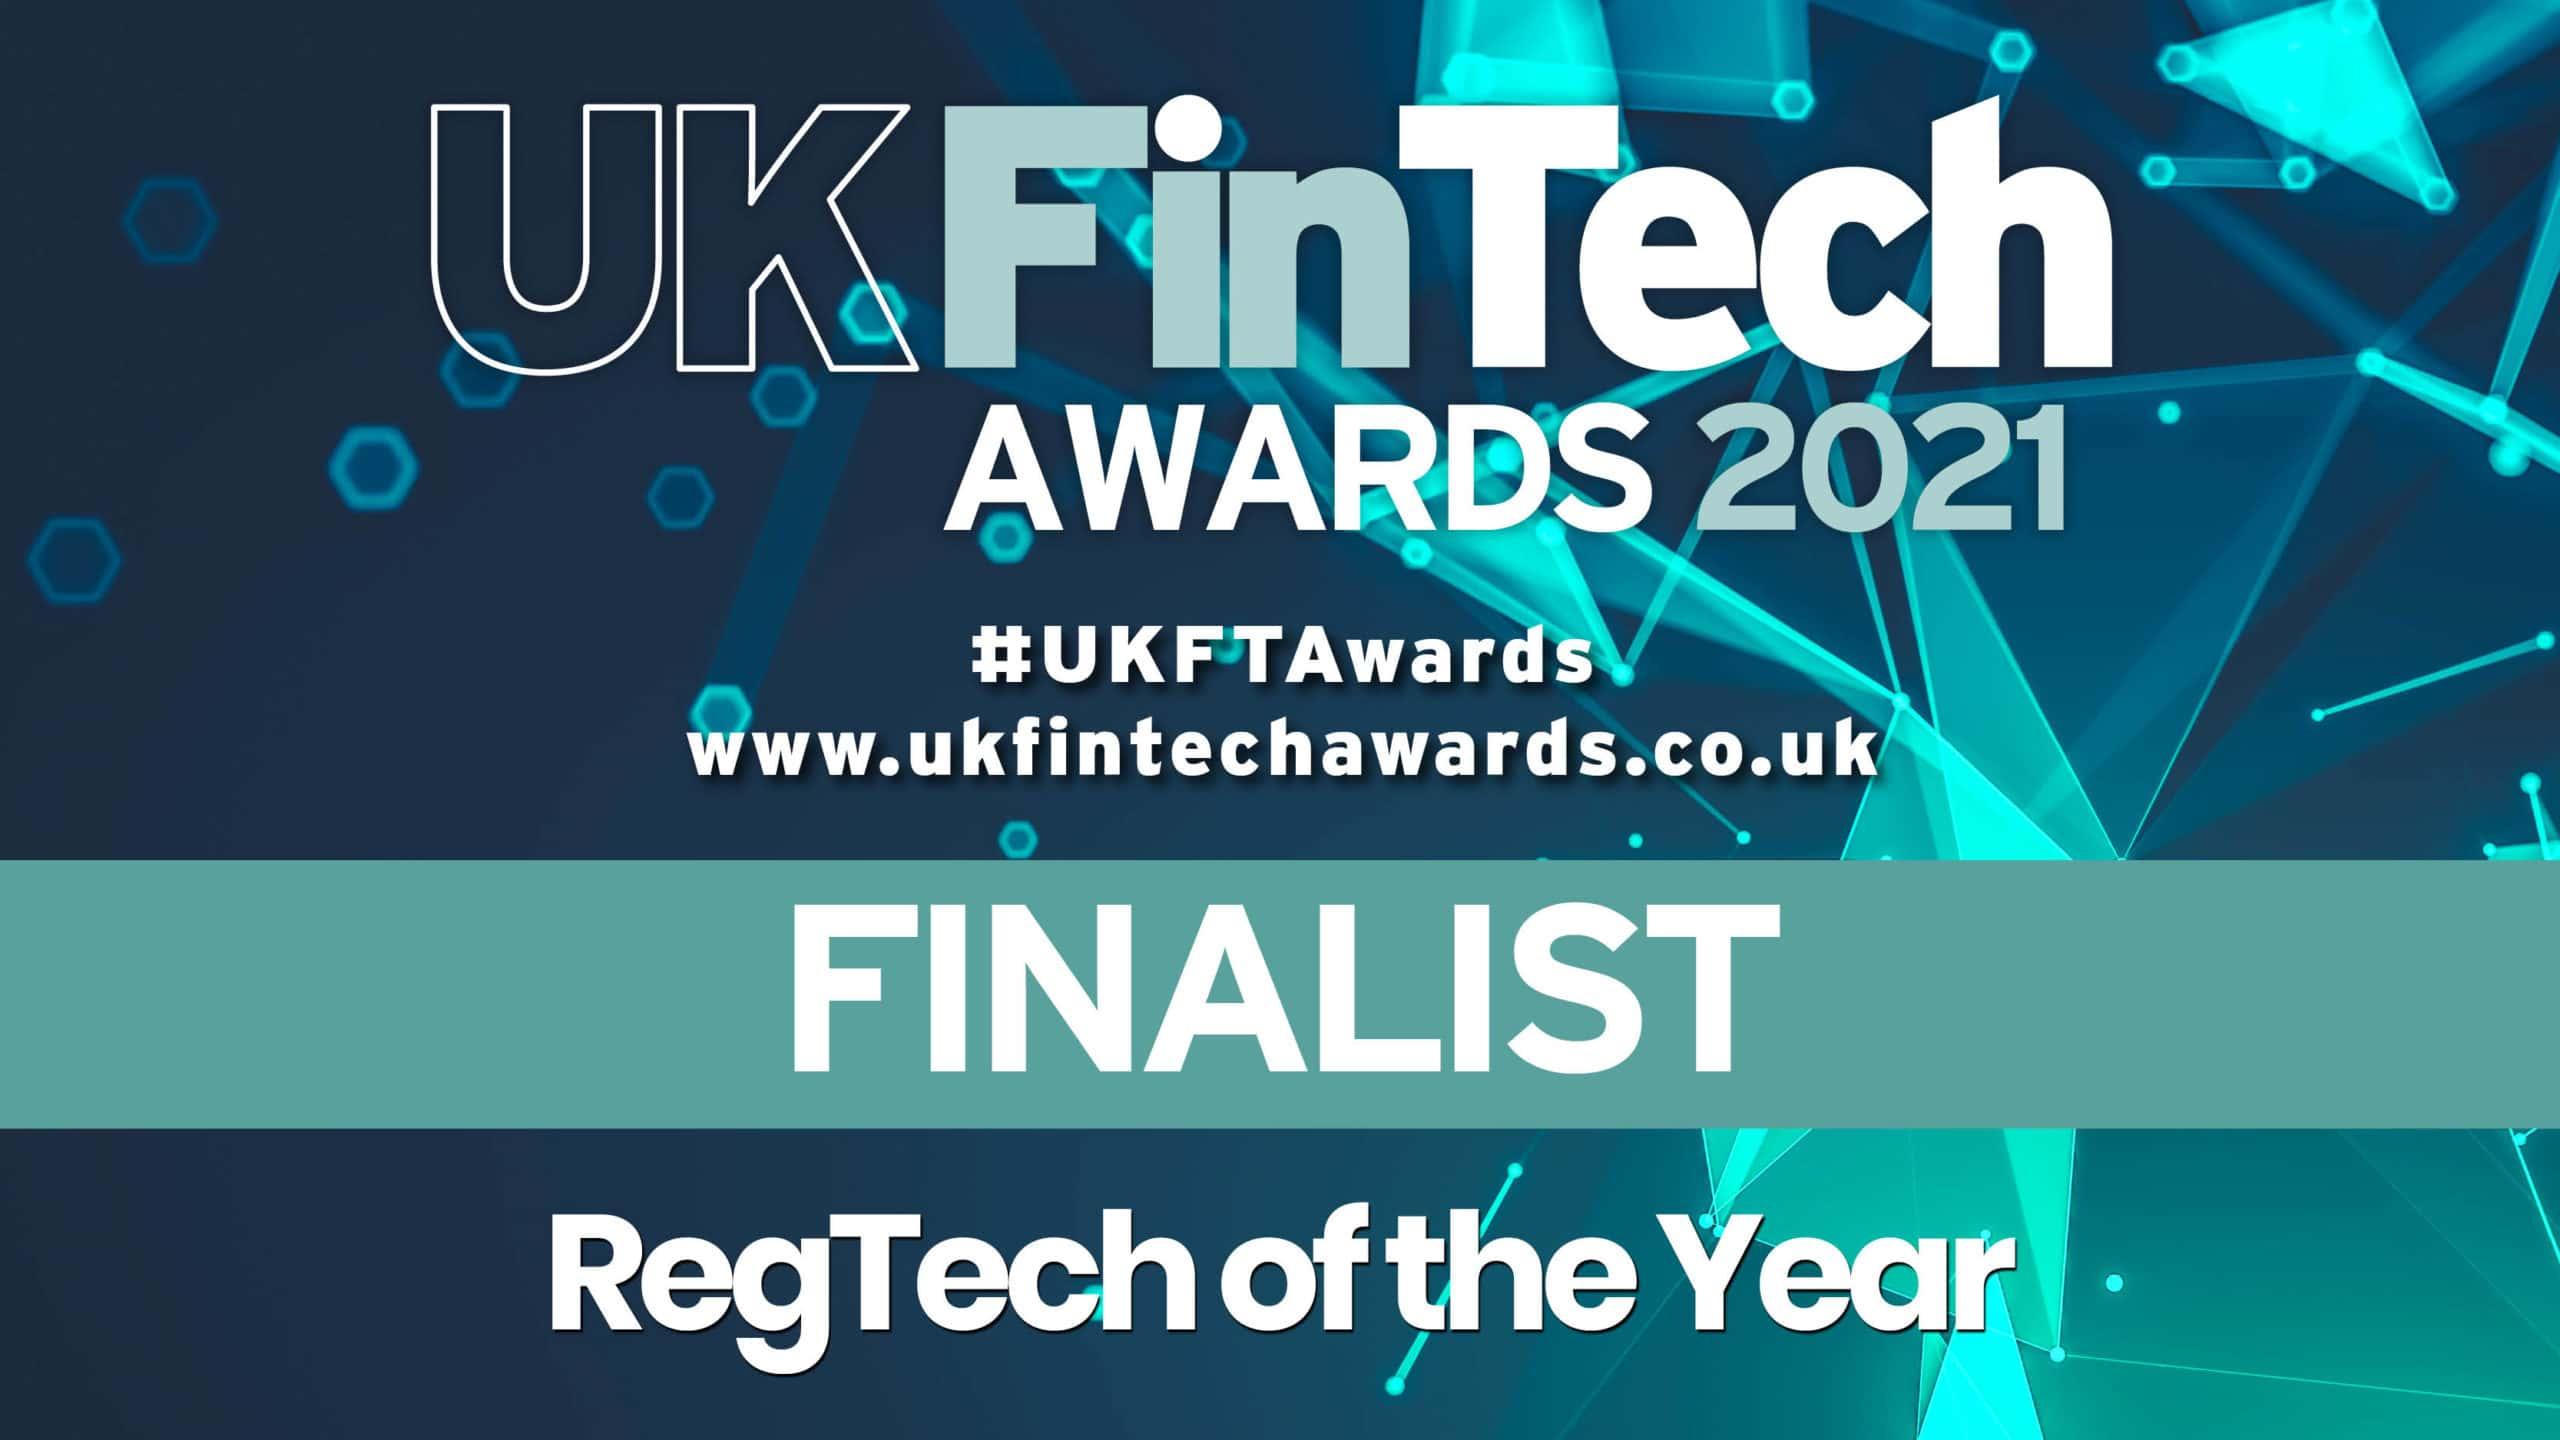 Recordsure UK FINTECH 2021 finalist For RegTech